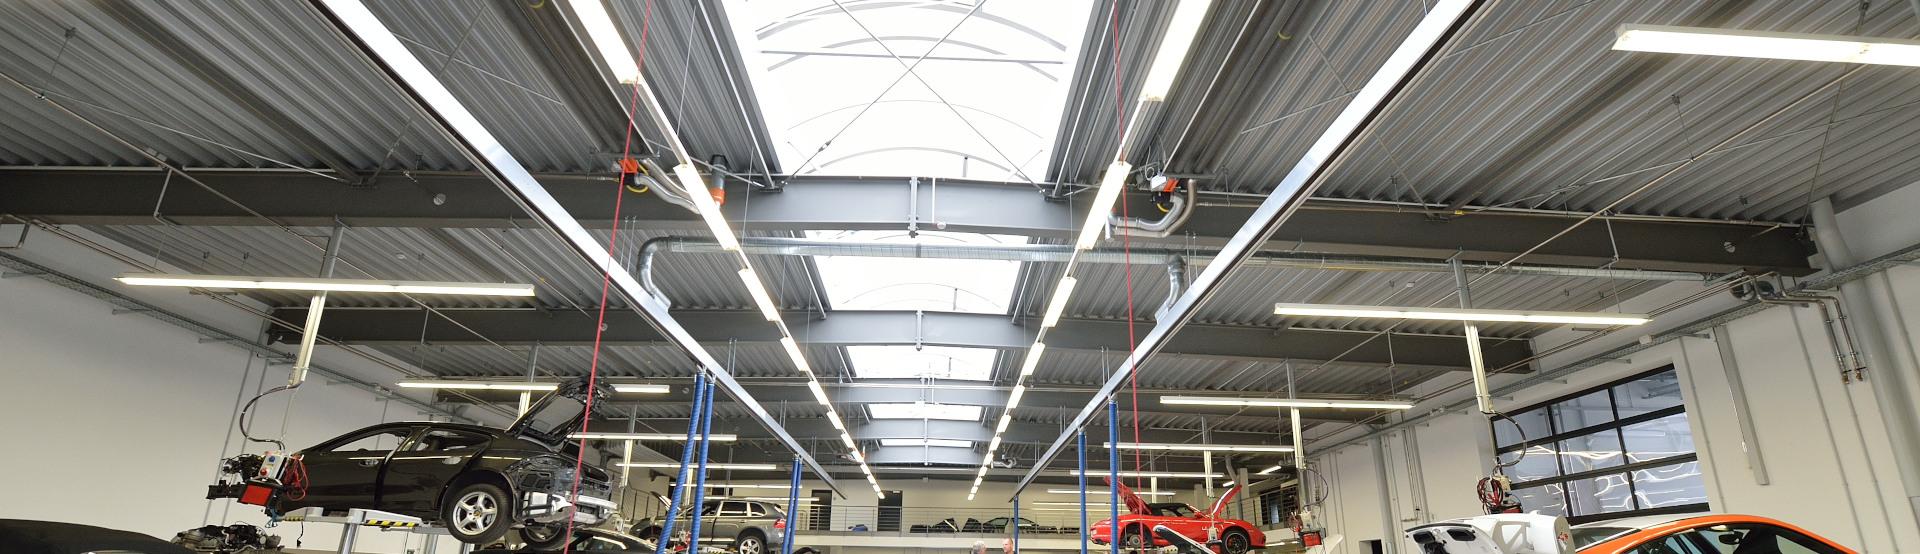 Schwank Dunkelstrahler hängen unter der Decke einer Porsche-Werkstatt.